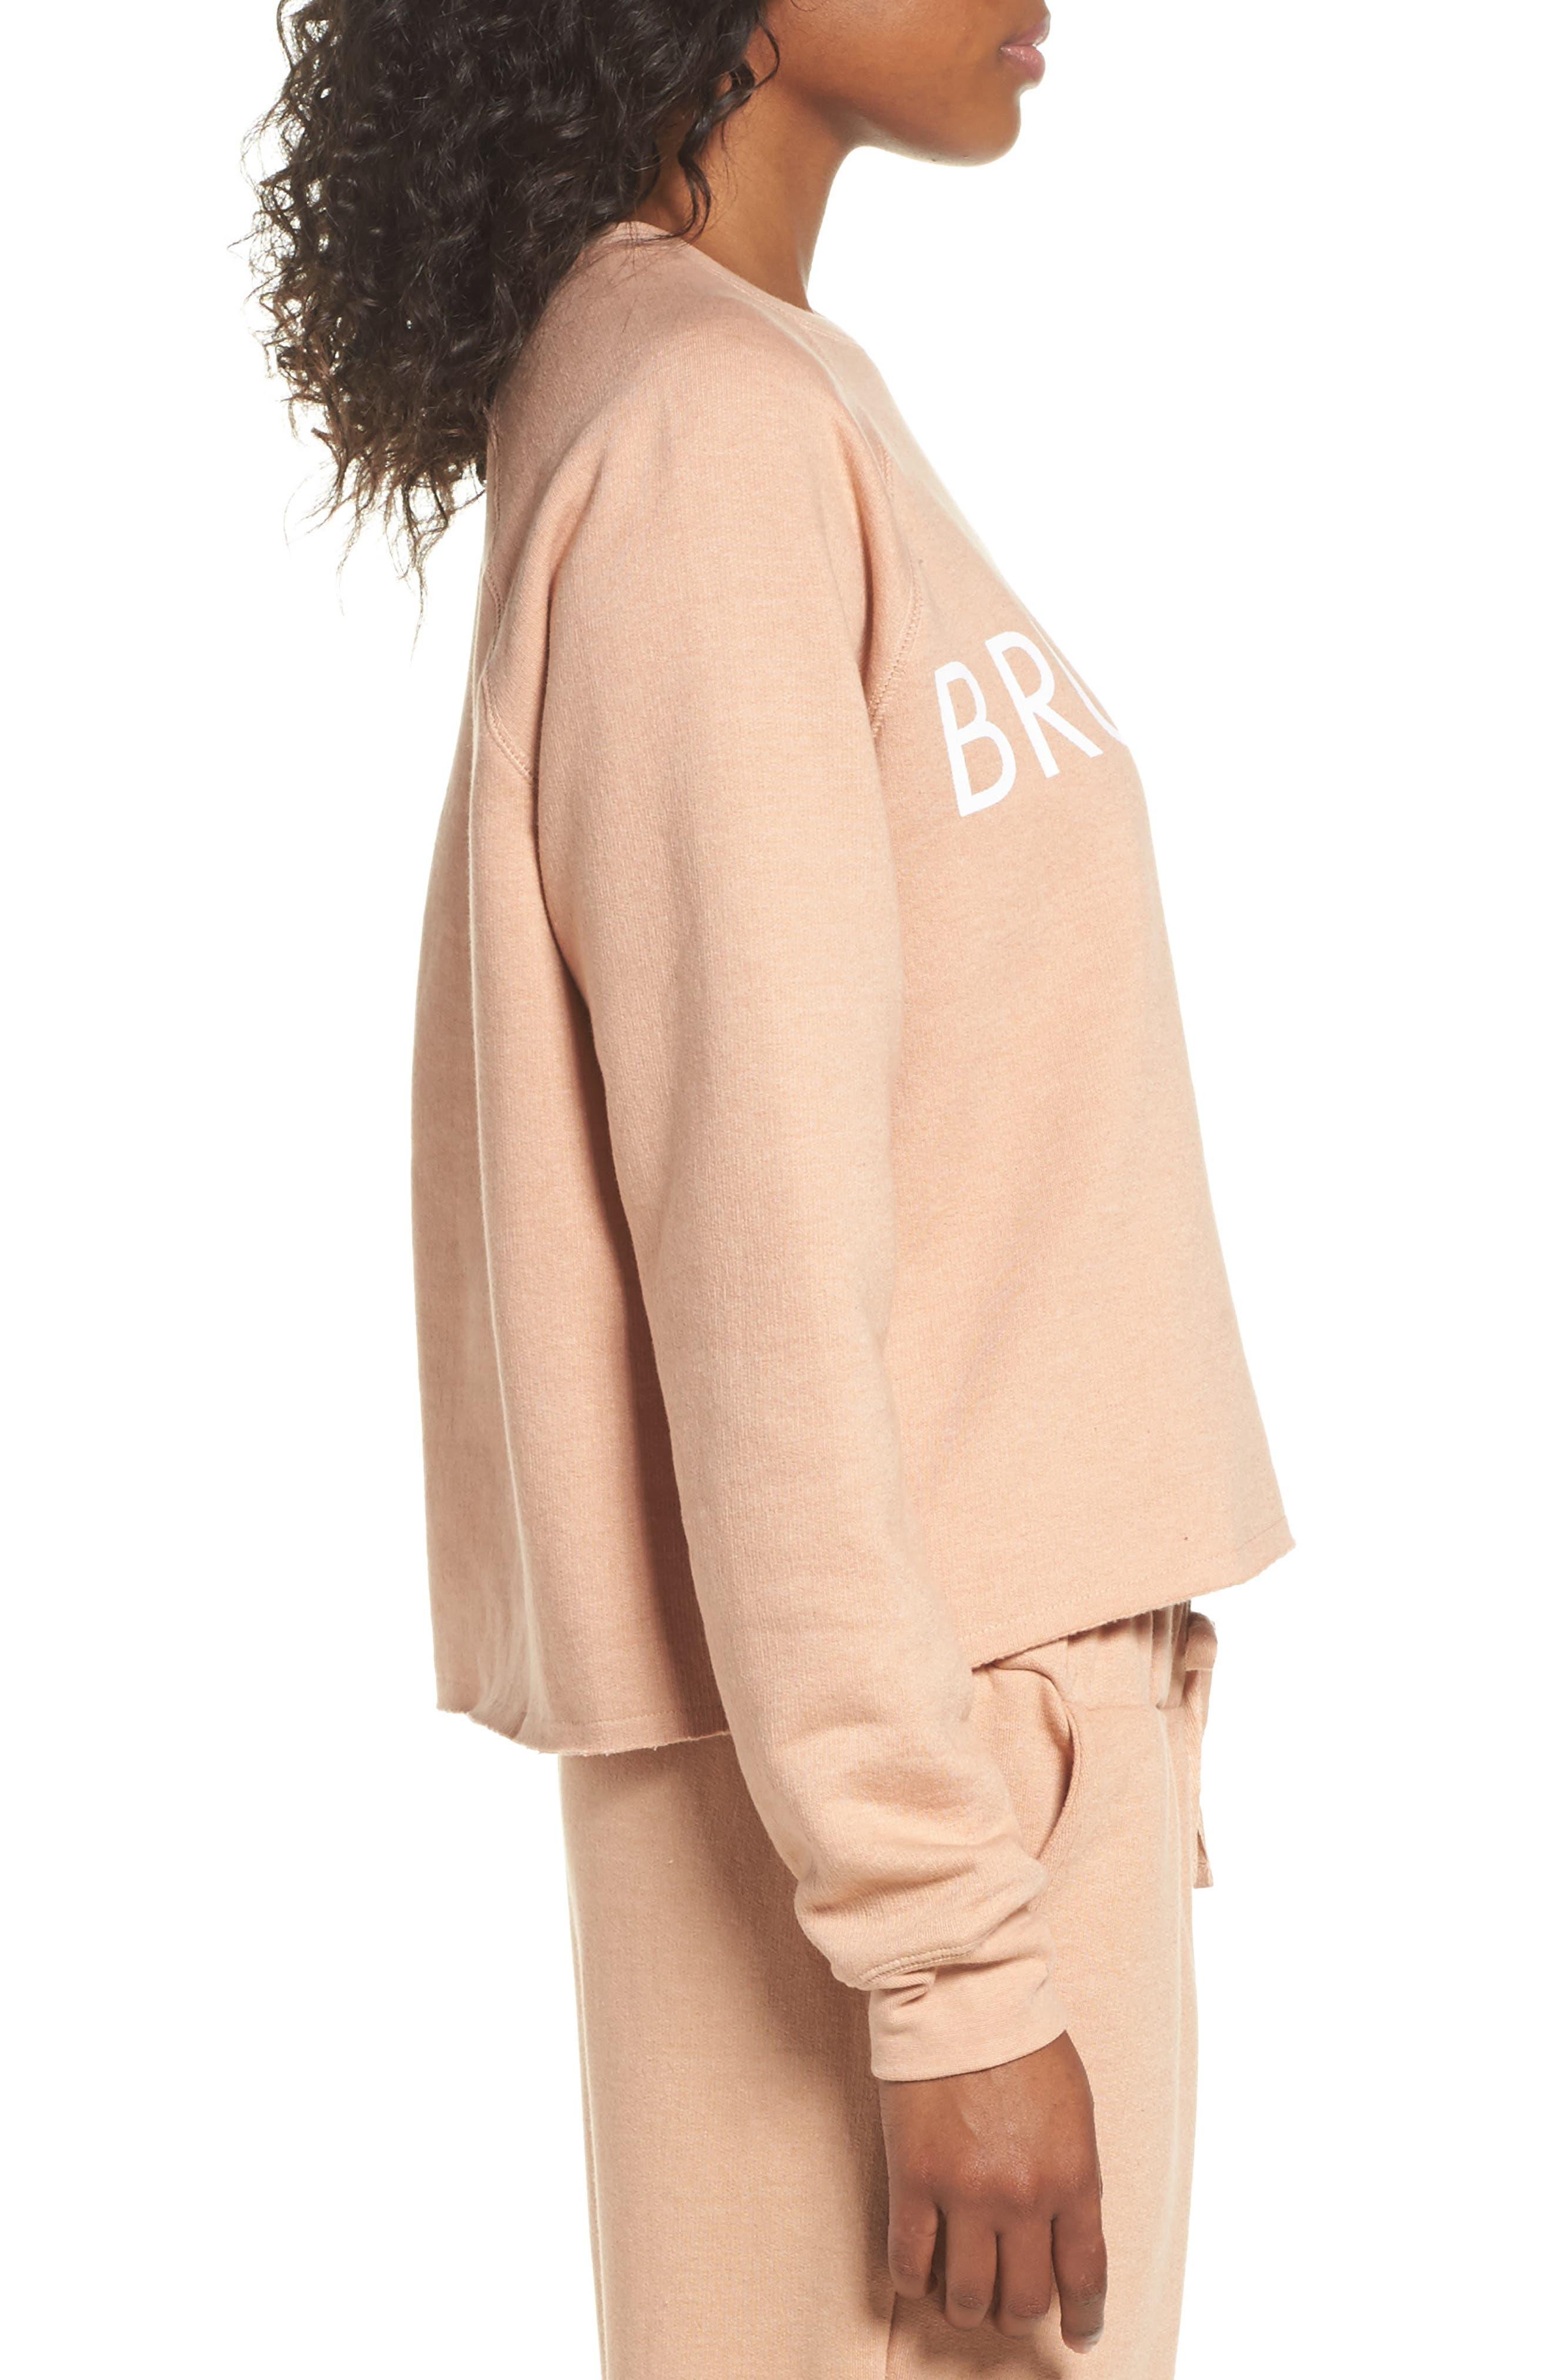 Alternate Image 3  - BRUNETTE the Label Middle Sister Brunette Sweatshirt